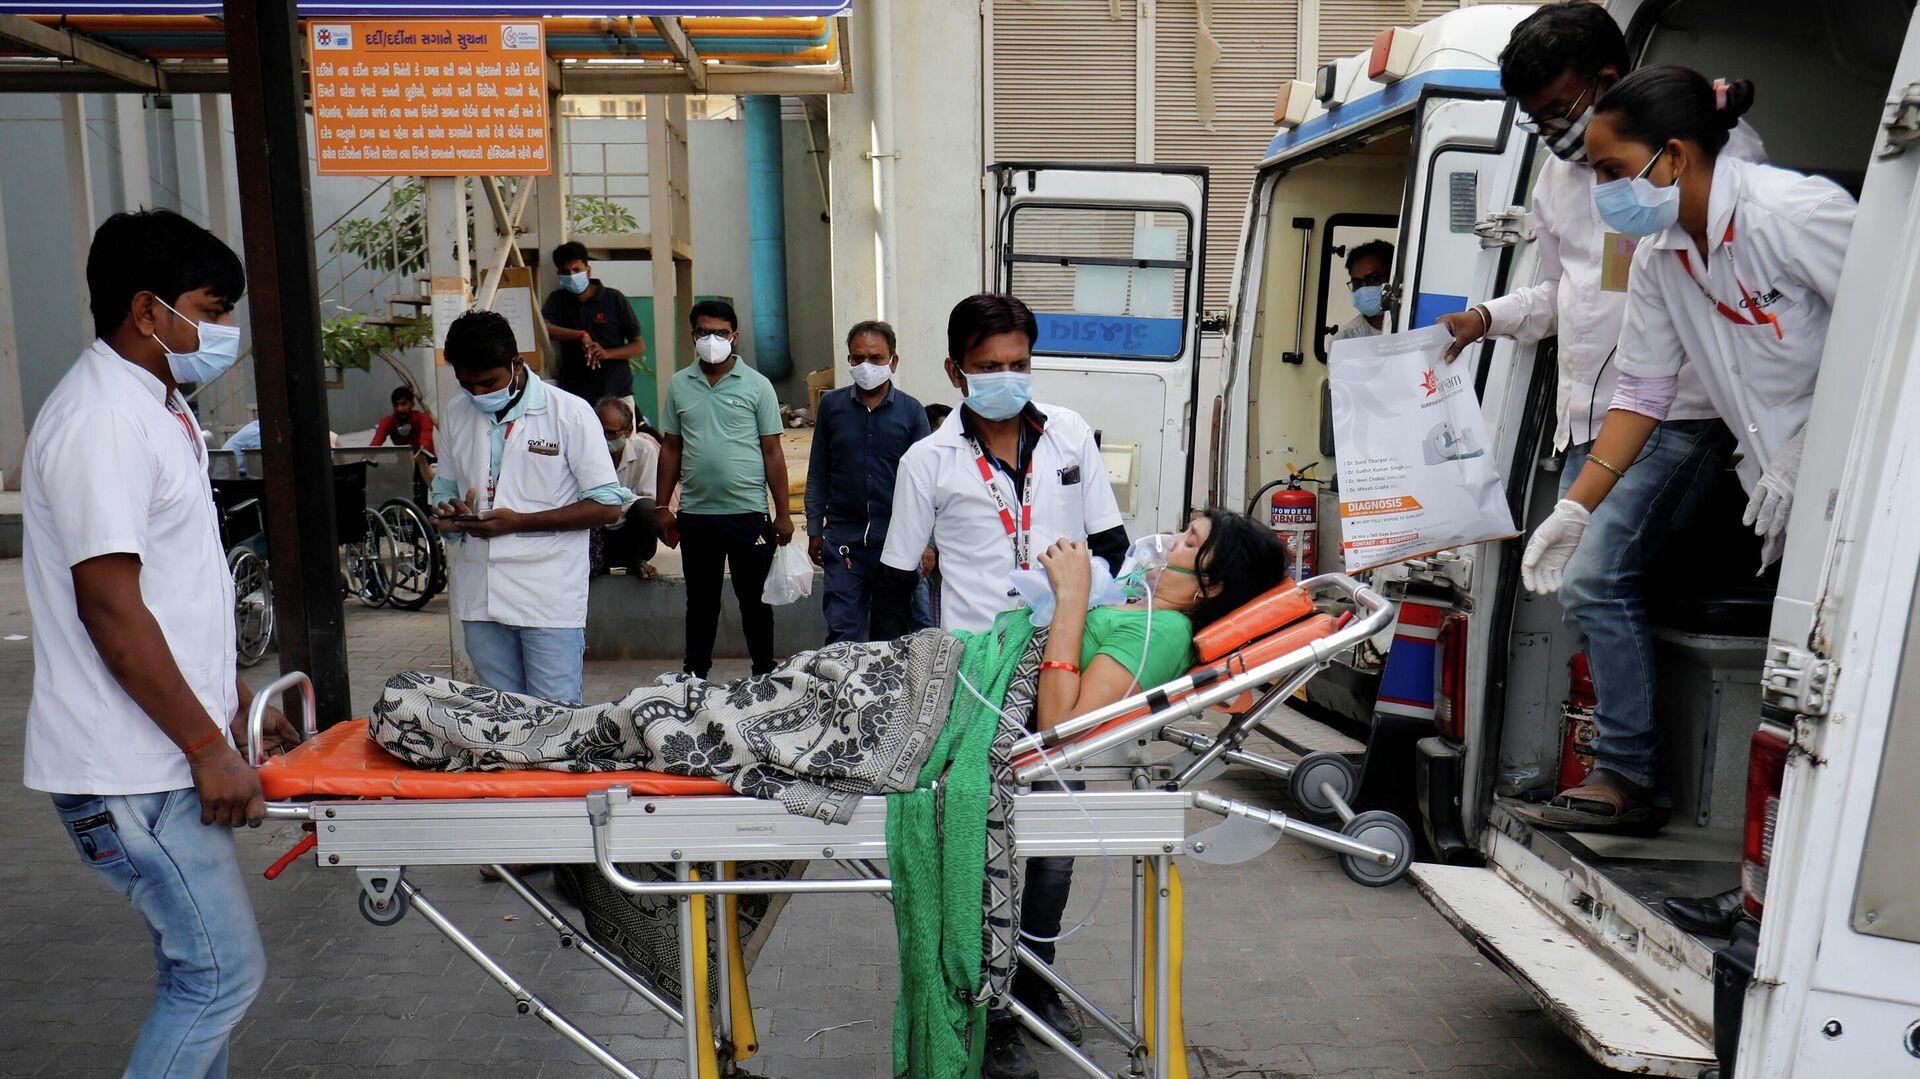 Пациента в кислородной маске везут в больницу для лечения COVID-19 в Ахмедабаде, Индия - РИА Новости, 1920, 23.04.2021